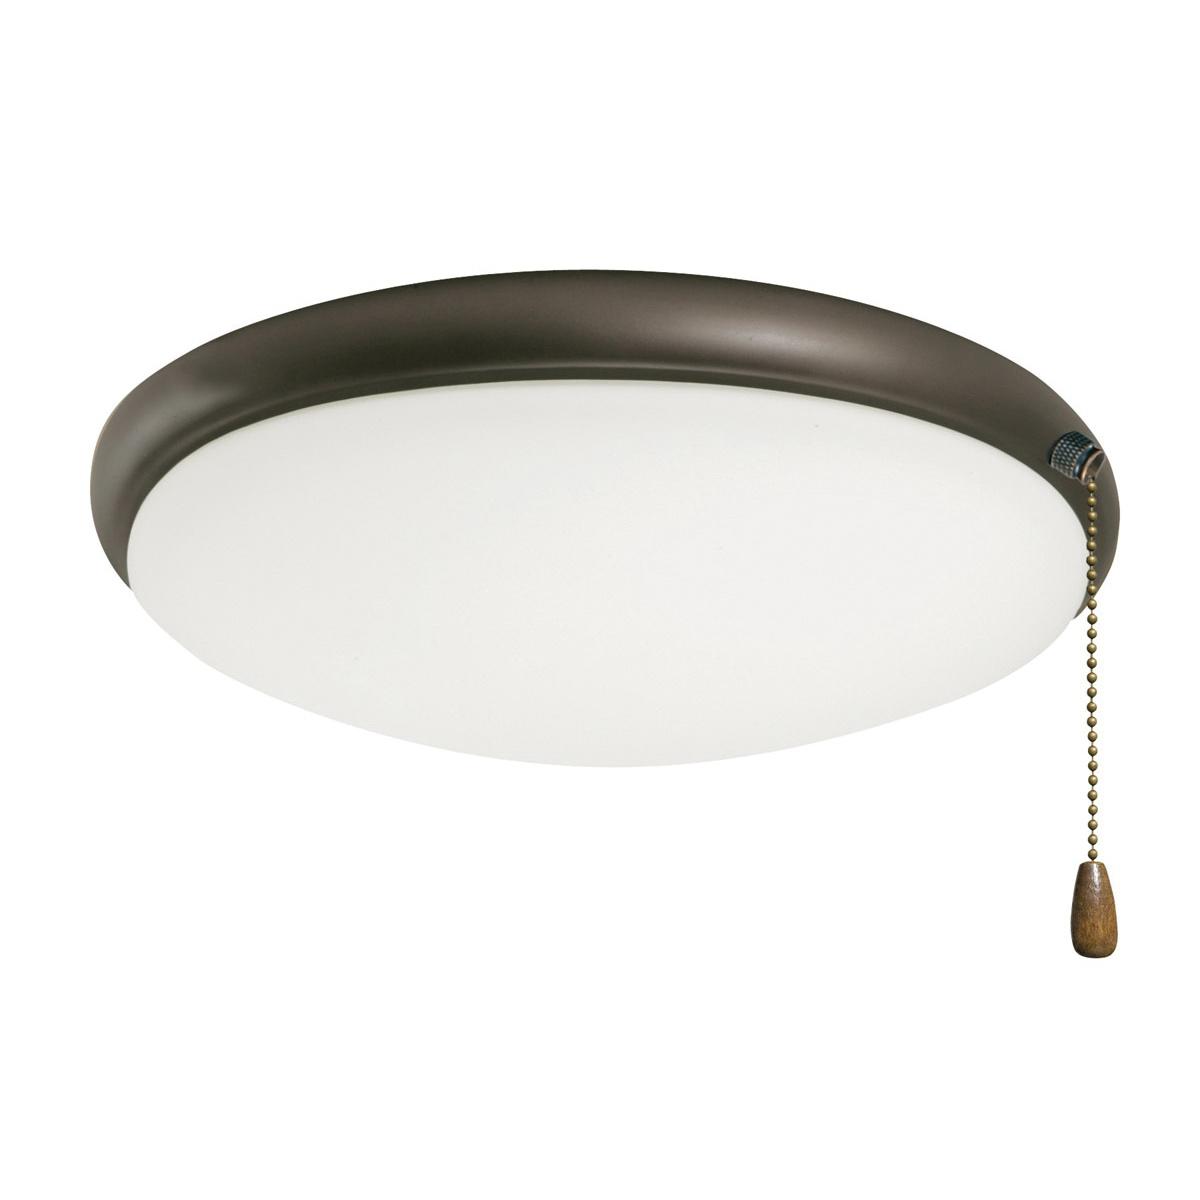 Emerson LK65ORB Low Profile Ceiling Fan Light Kit 2-Light 60 Watt Oil Rubbed Bronze Moon Light